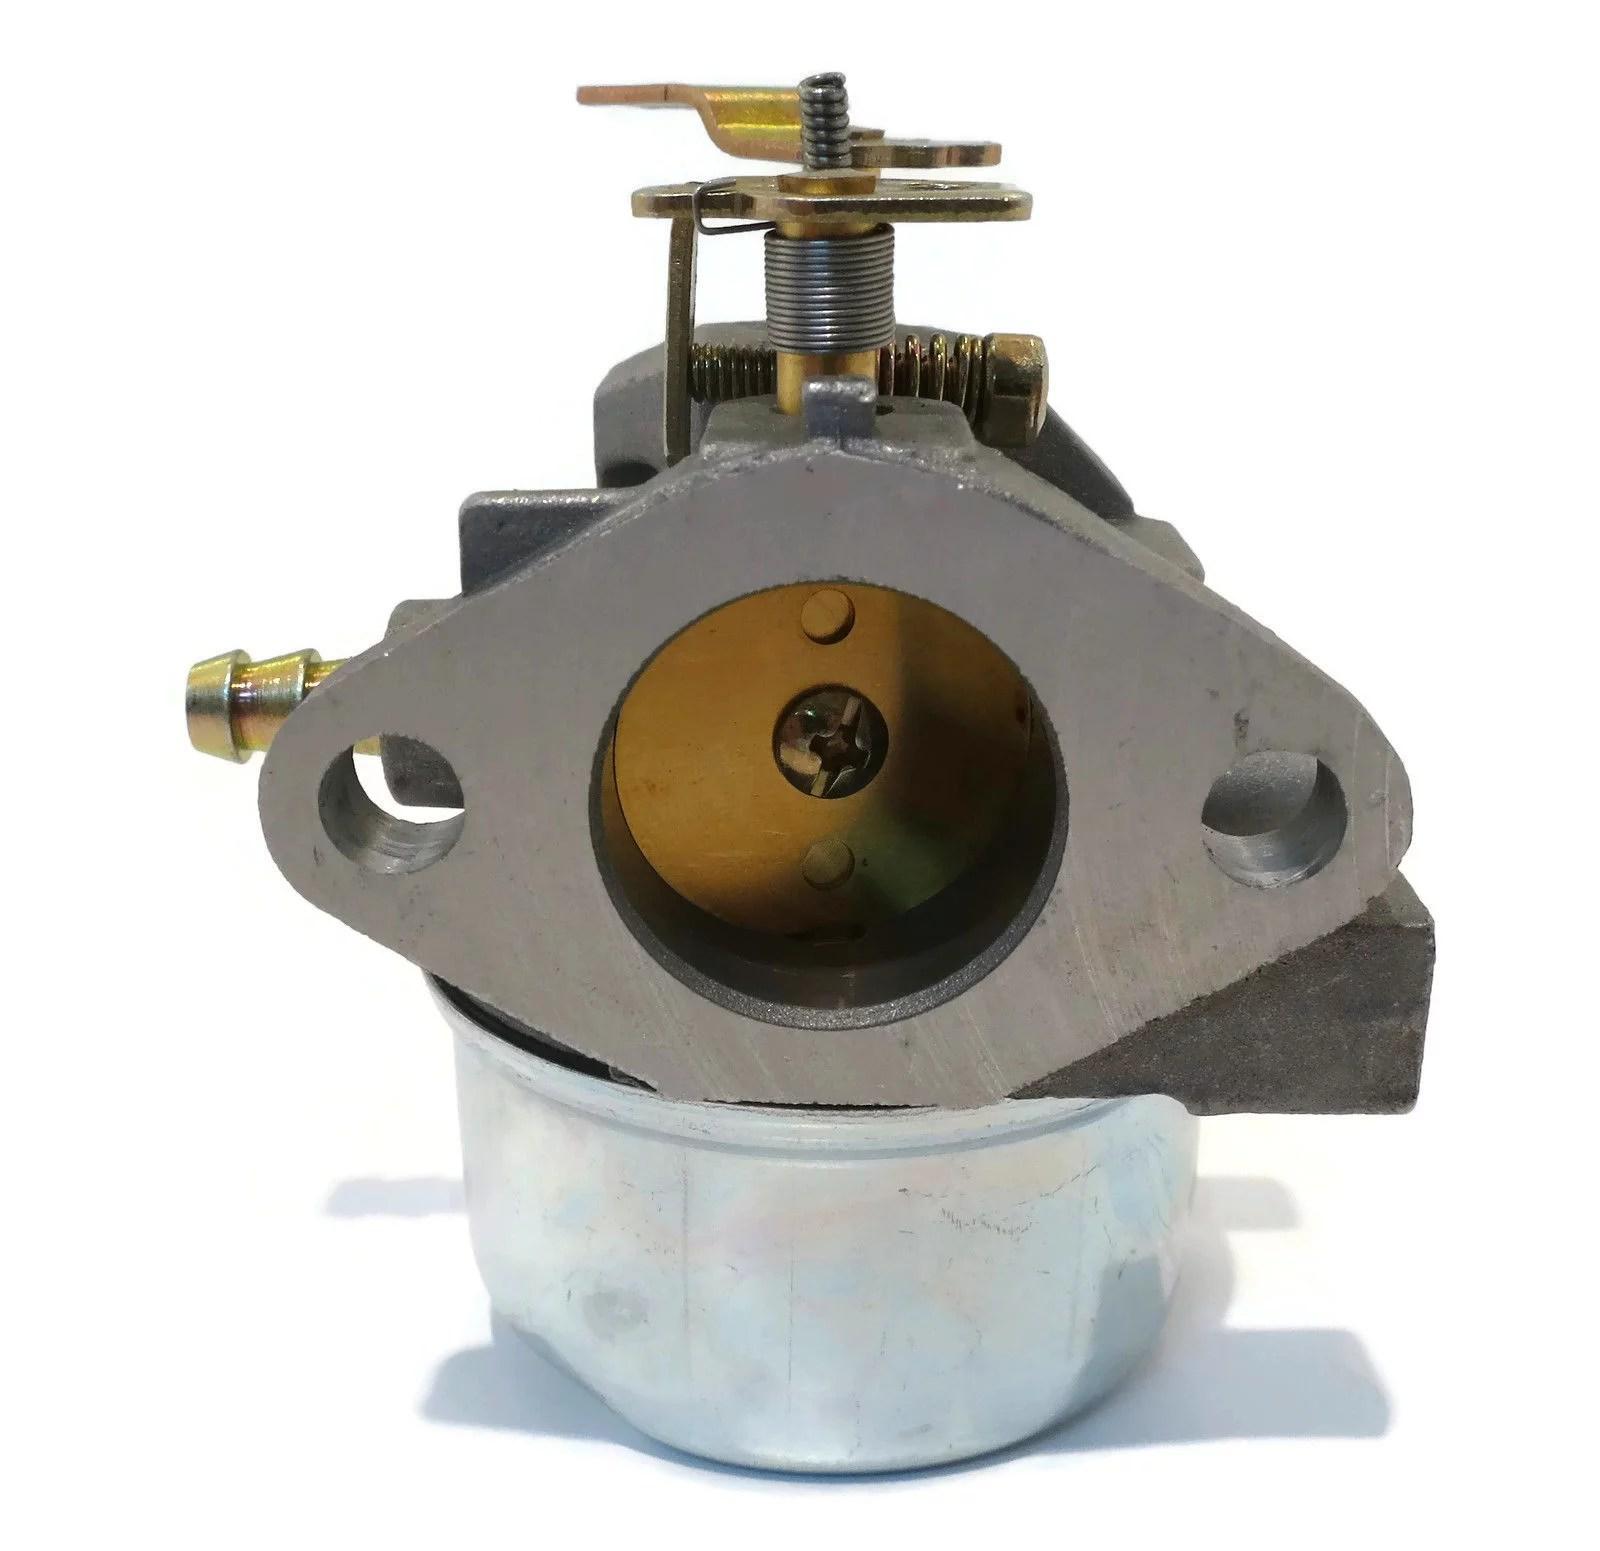 carburetor carb for john deere snow blower thrower trs22 trs24 trs26carburetor carb for john deere snow [ 1600 x 1551 Pixel ]